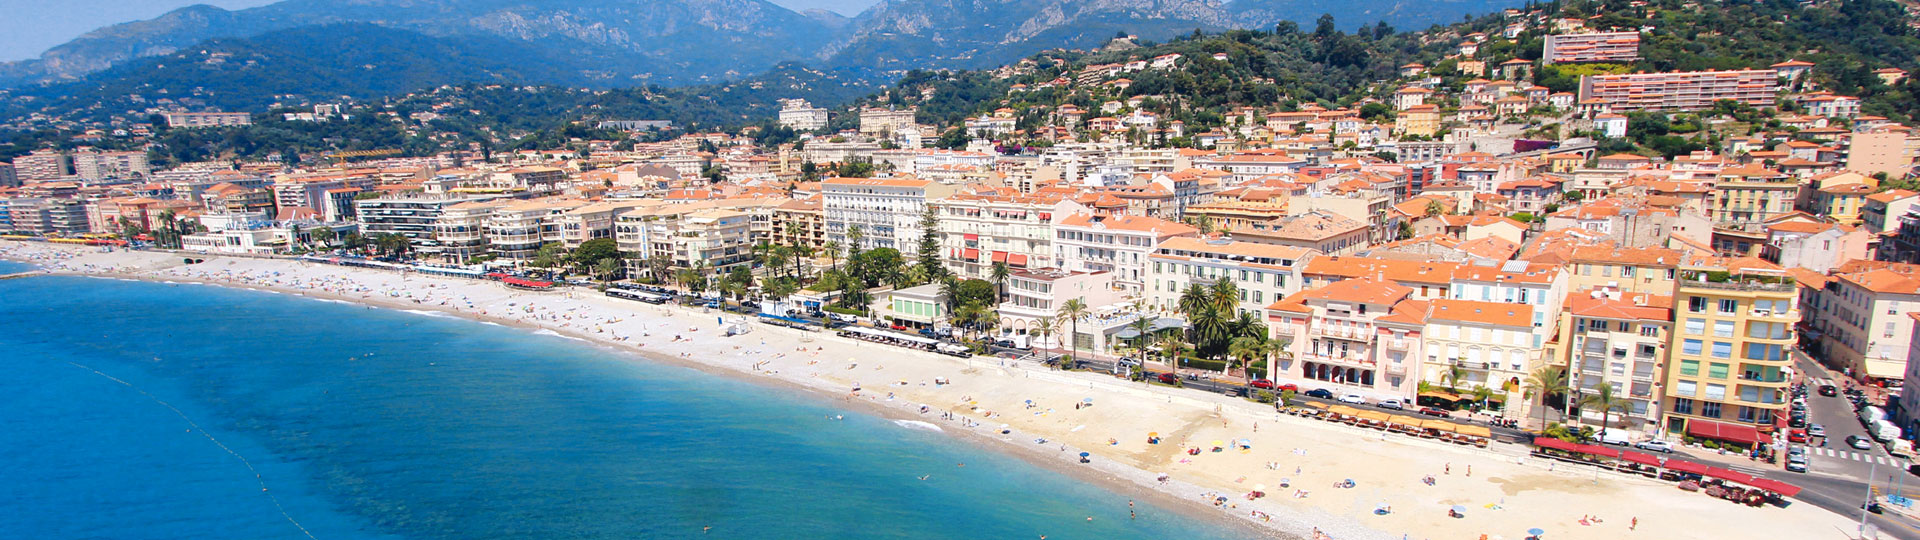 Hôtel sur la french Riviera à Nice